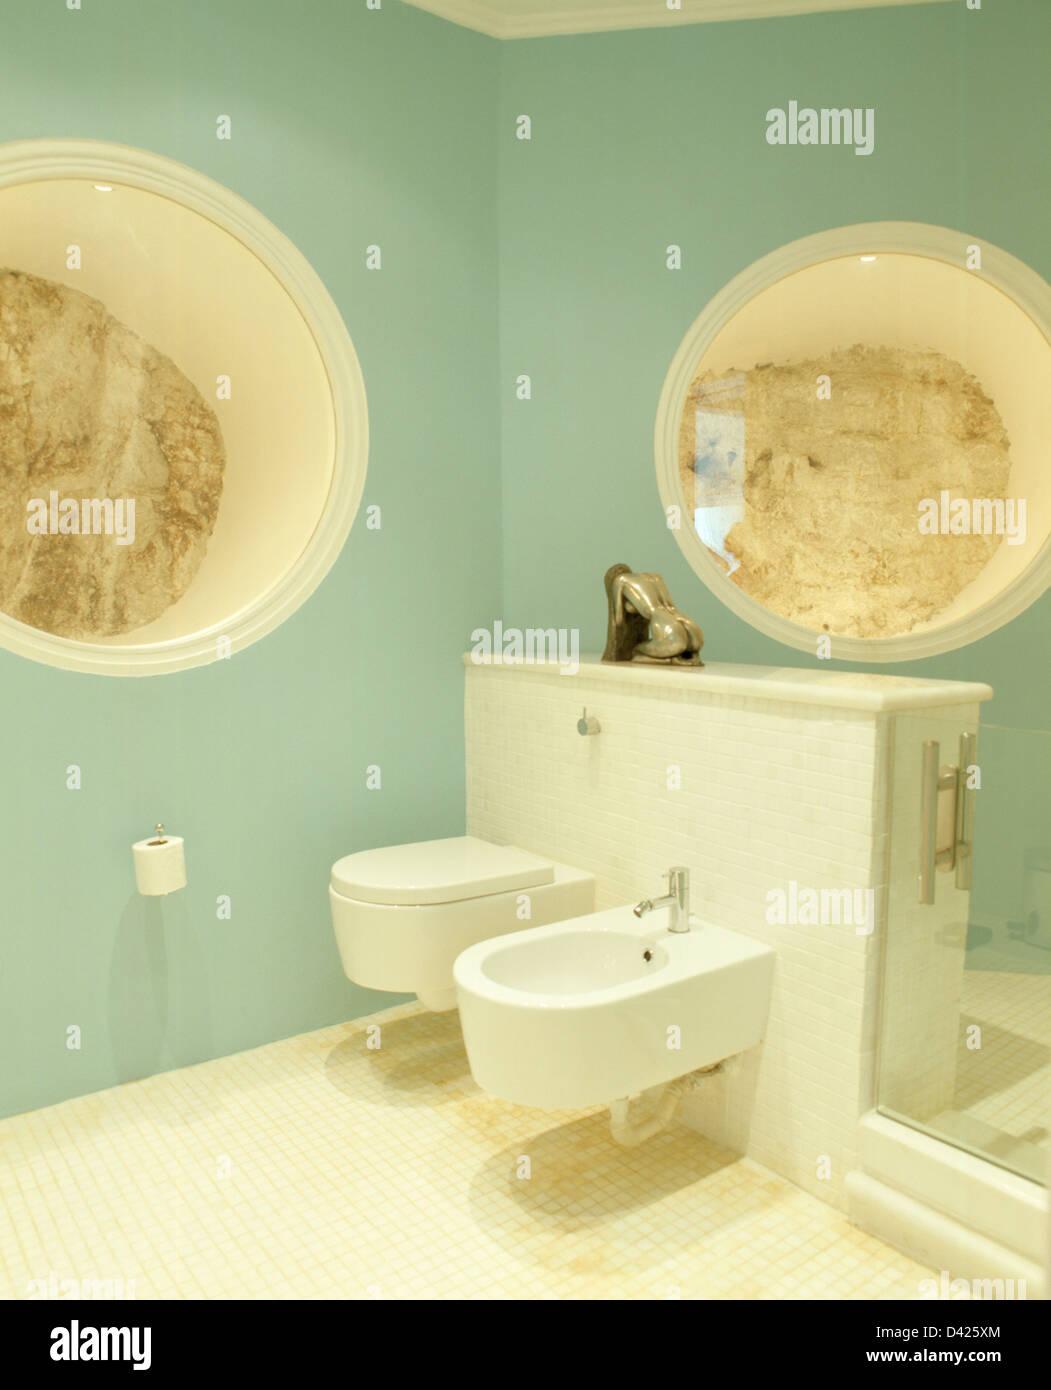 Kreisförmige verglaste Nischen auszusetzen Felsen Wand in Pastell ...